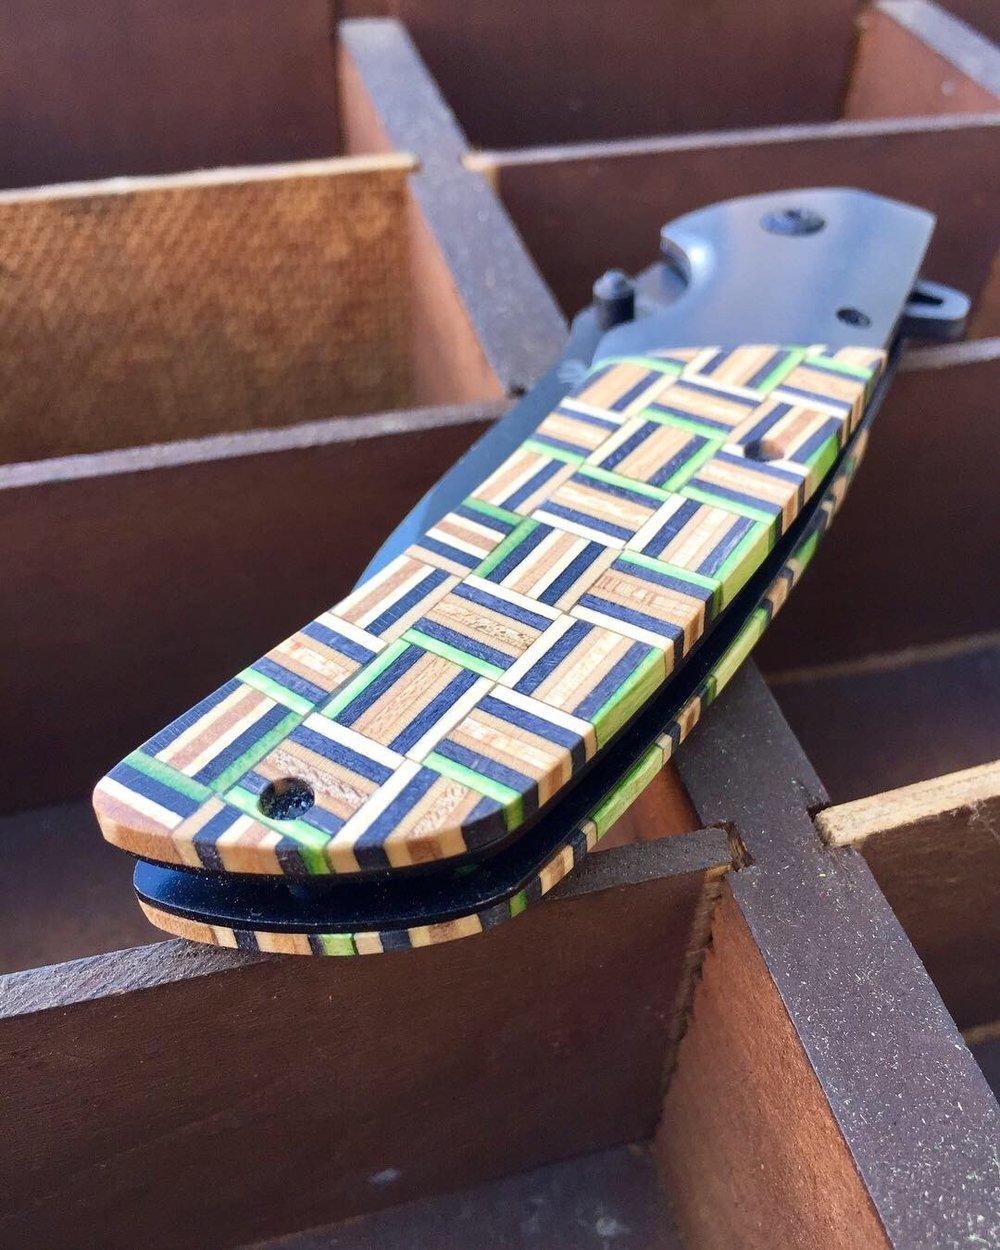 pocket knife 2nd shot